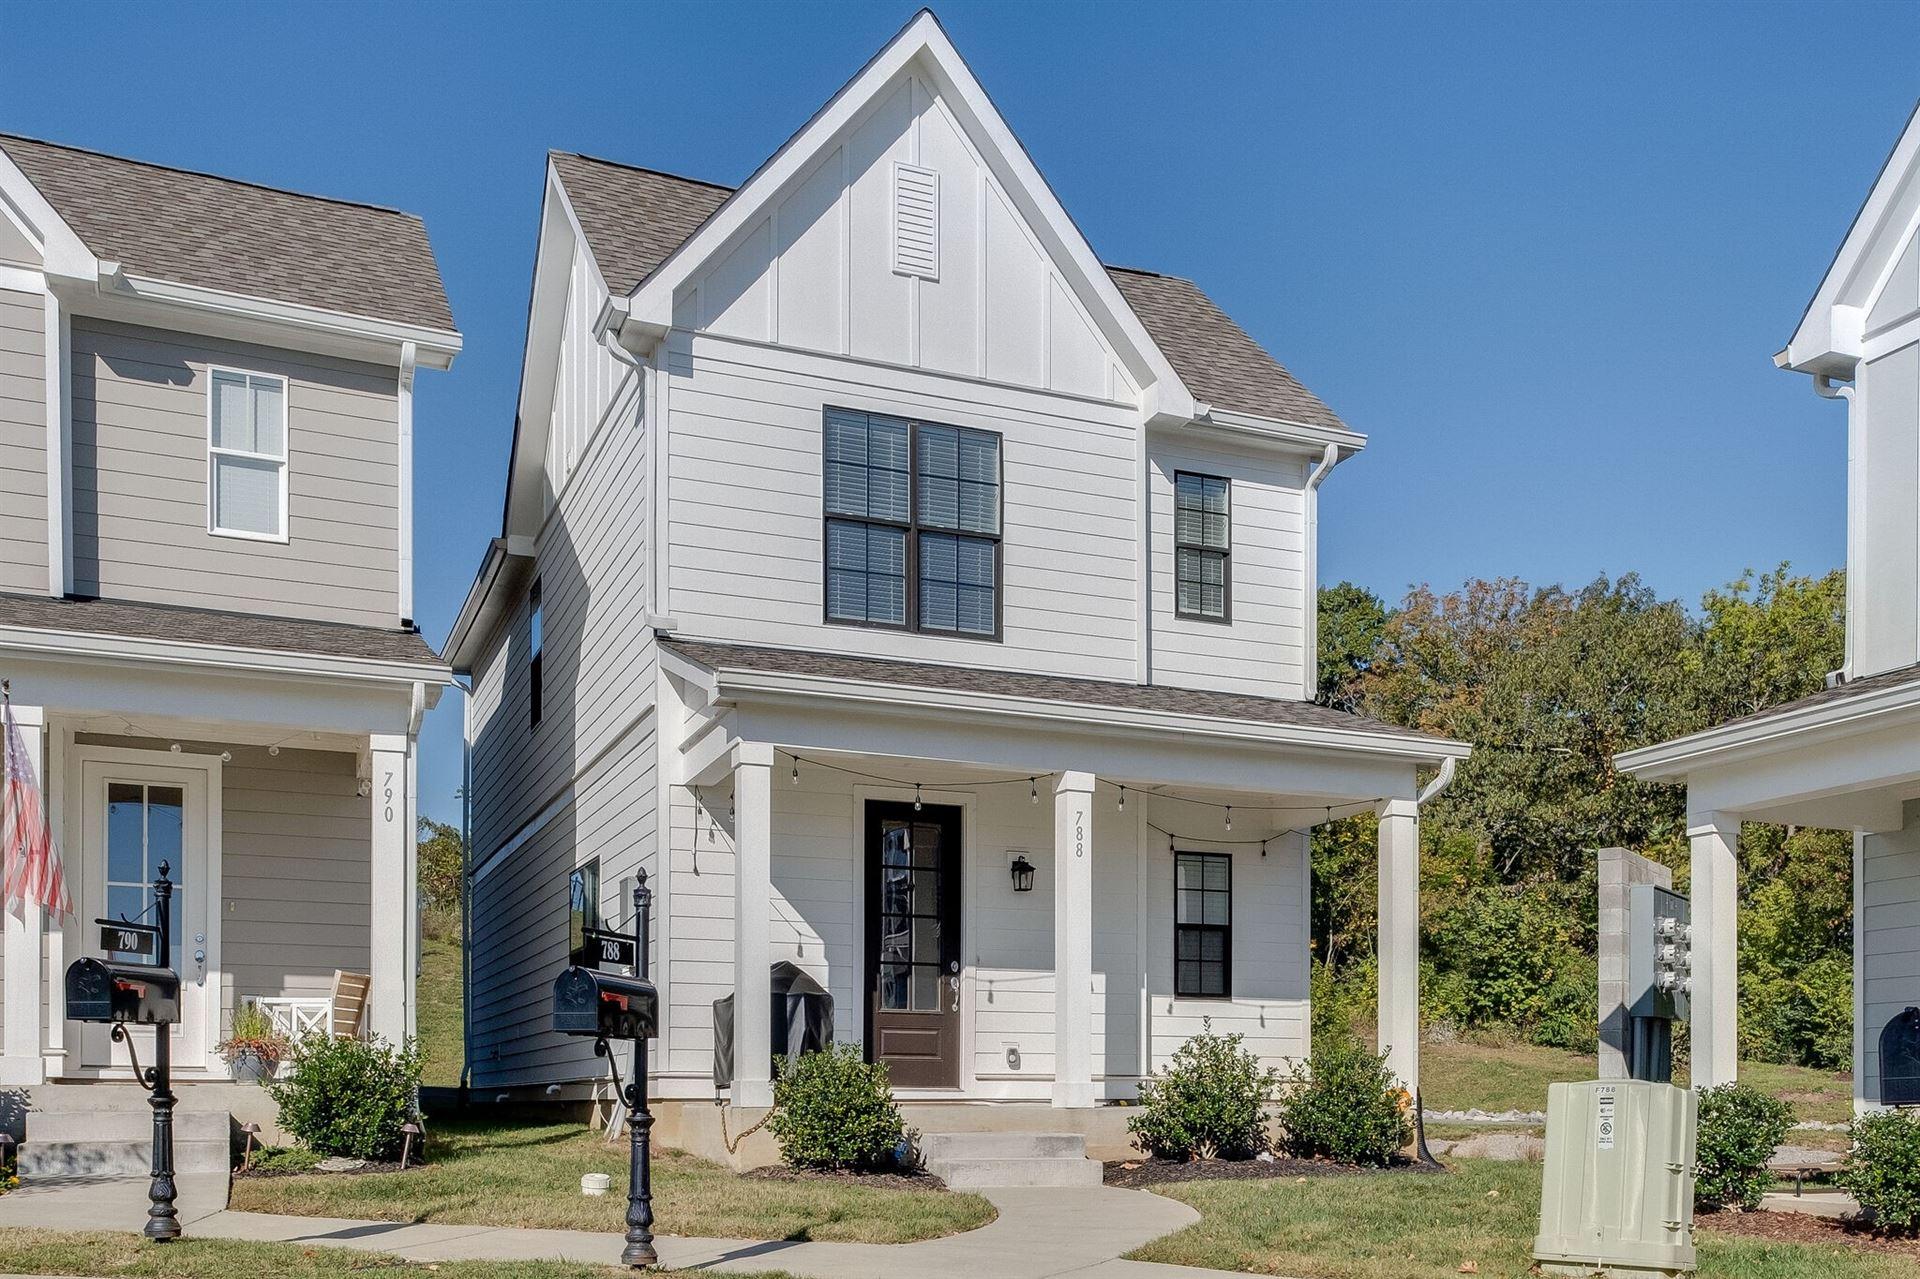 788 Cottage Park Dr, Nashville, TN 37207 - MLS#: 2200945